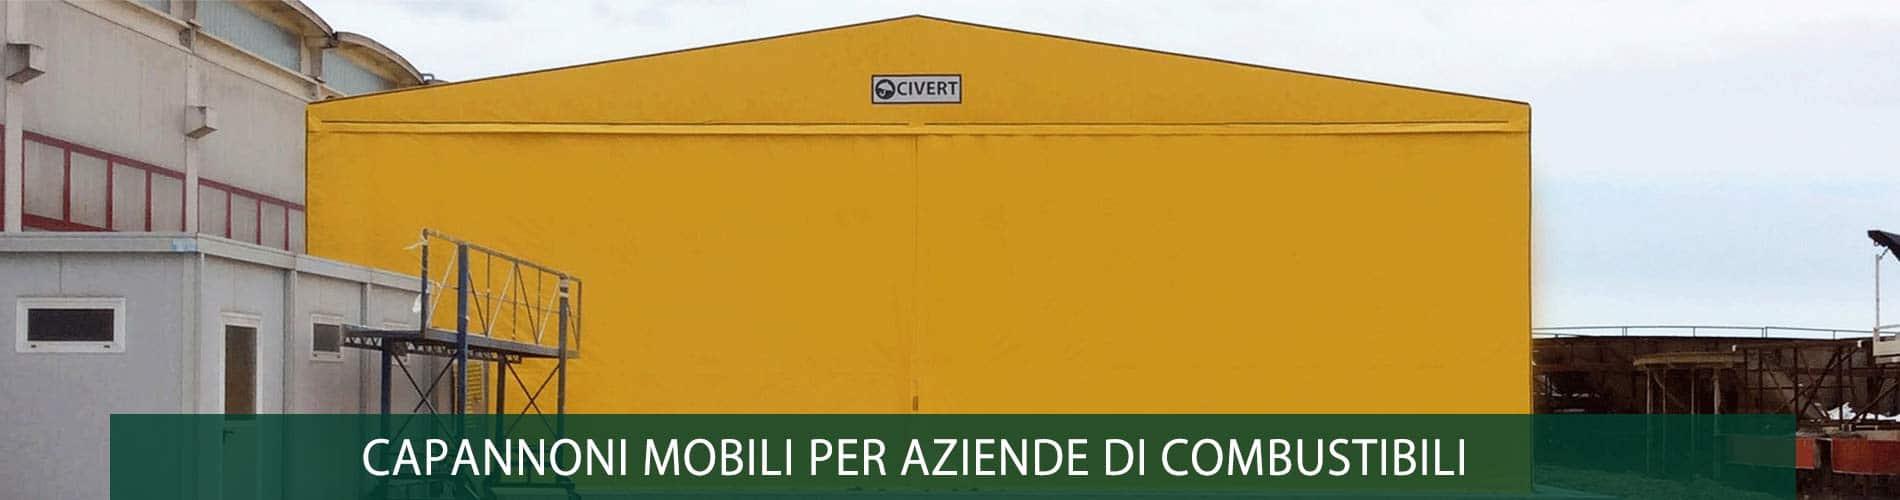 capannoni mobili aziende combustibili